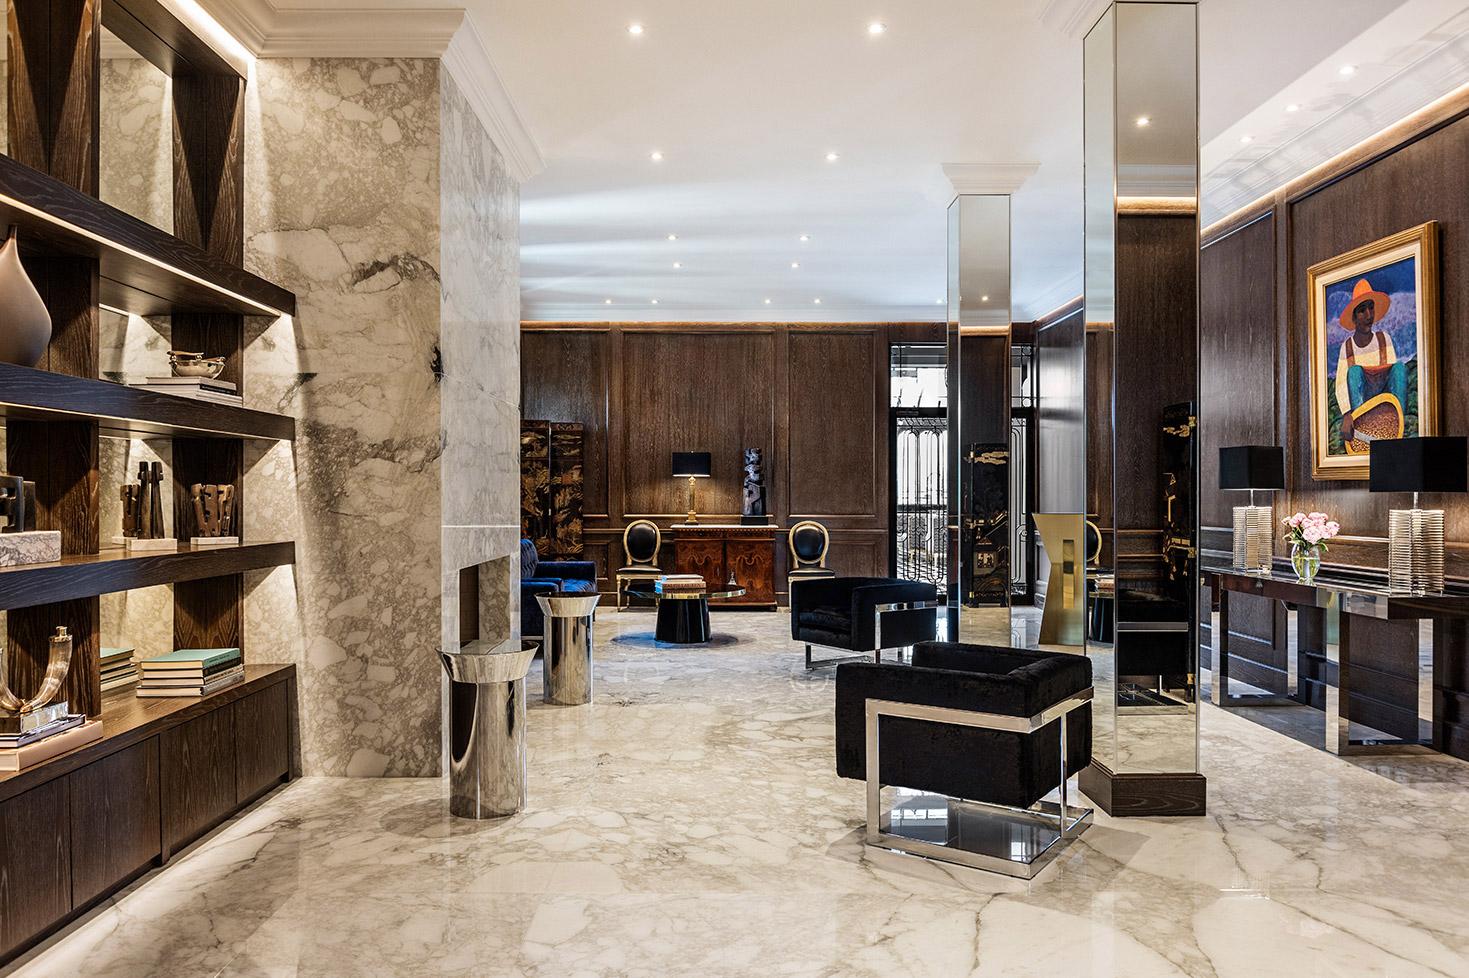 Alvear palace hotel hotel del lujo en buenos aires 5 for Hoteles en marcelo t de alvear buenos aires